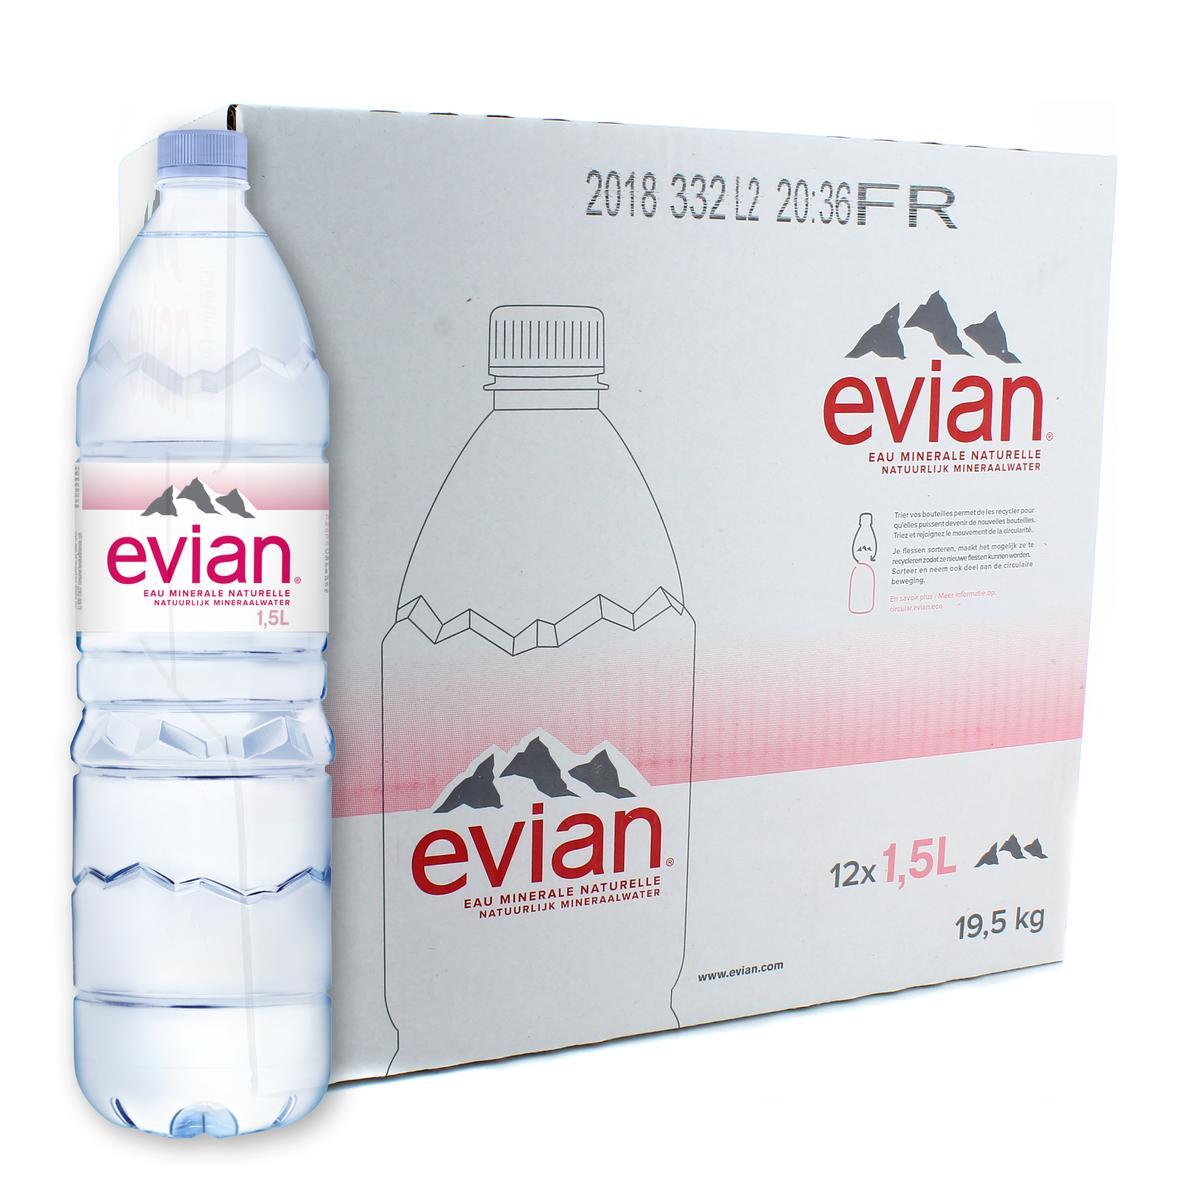 Calendrier Evian.Evian Eau Minerale Naturelle 12x1 5l